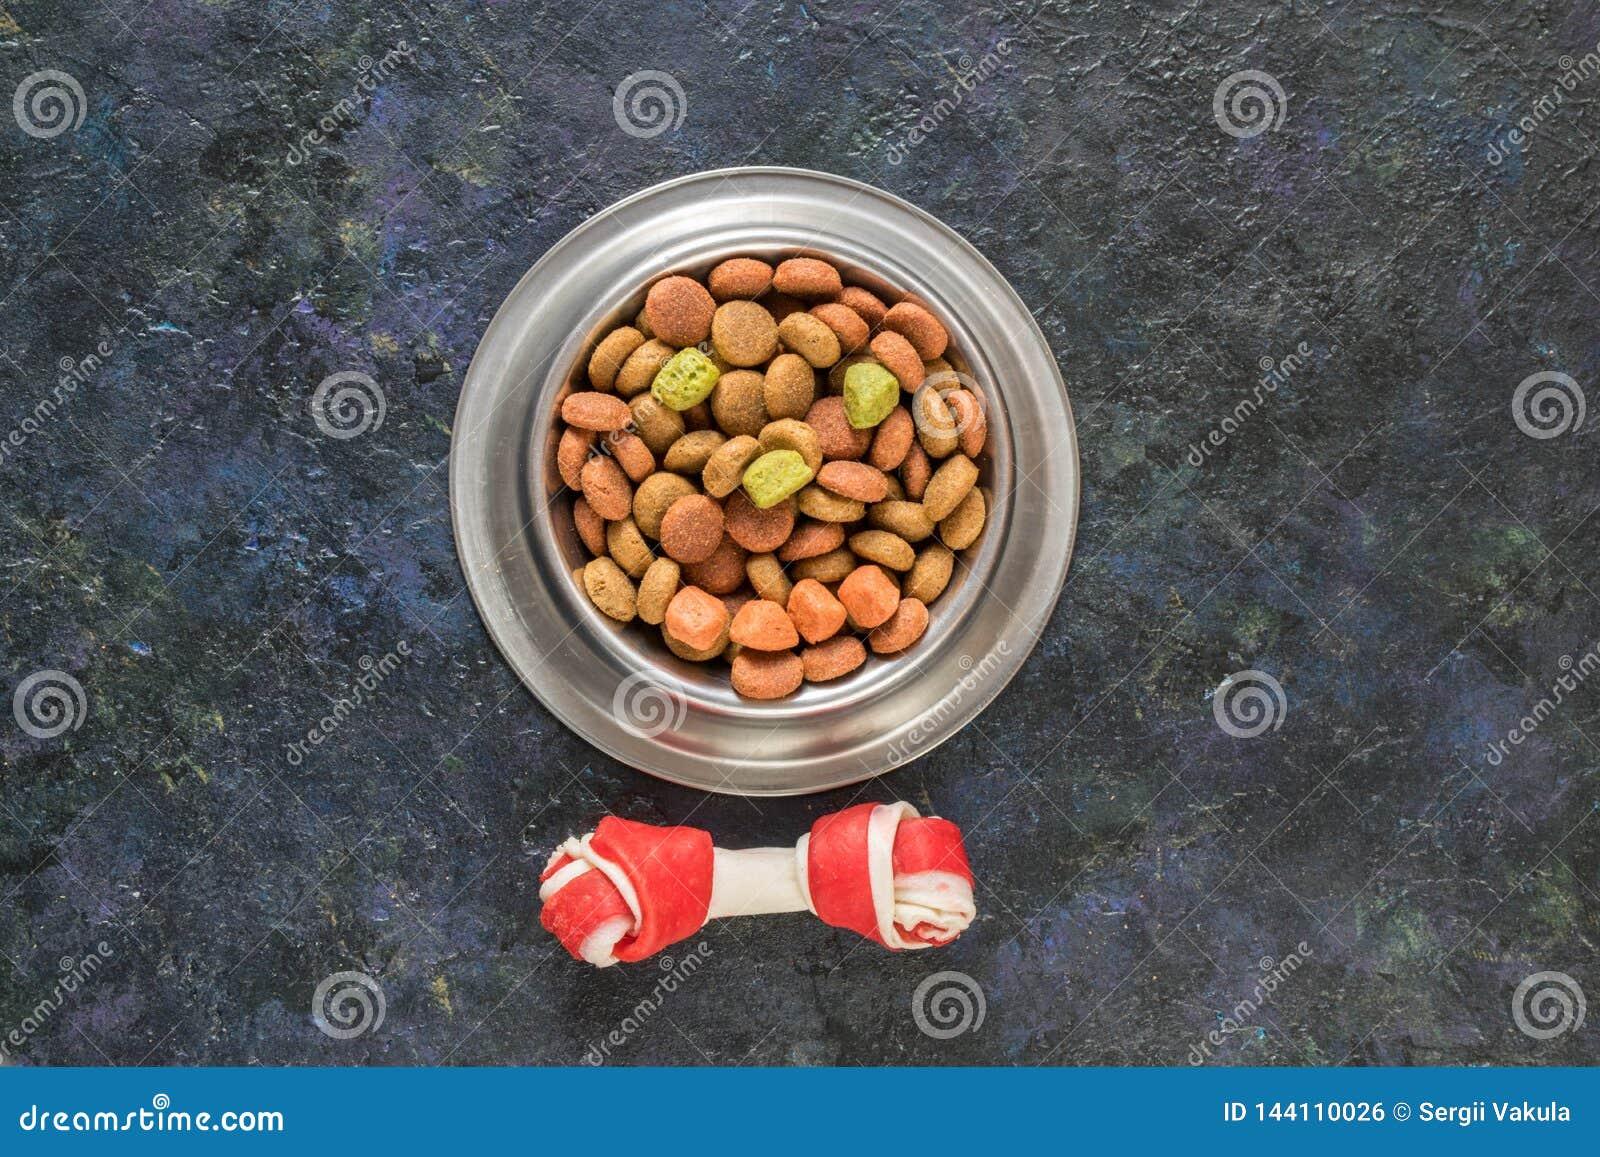 Τρόφιμα σκυλιών στο μεταλλικό κύπελλο στο μαύρο σκούρο μπλε υπόβαθρο